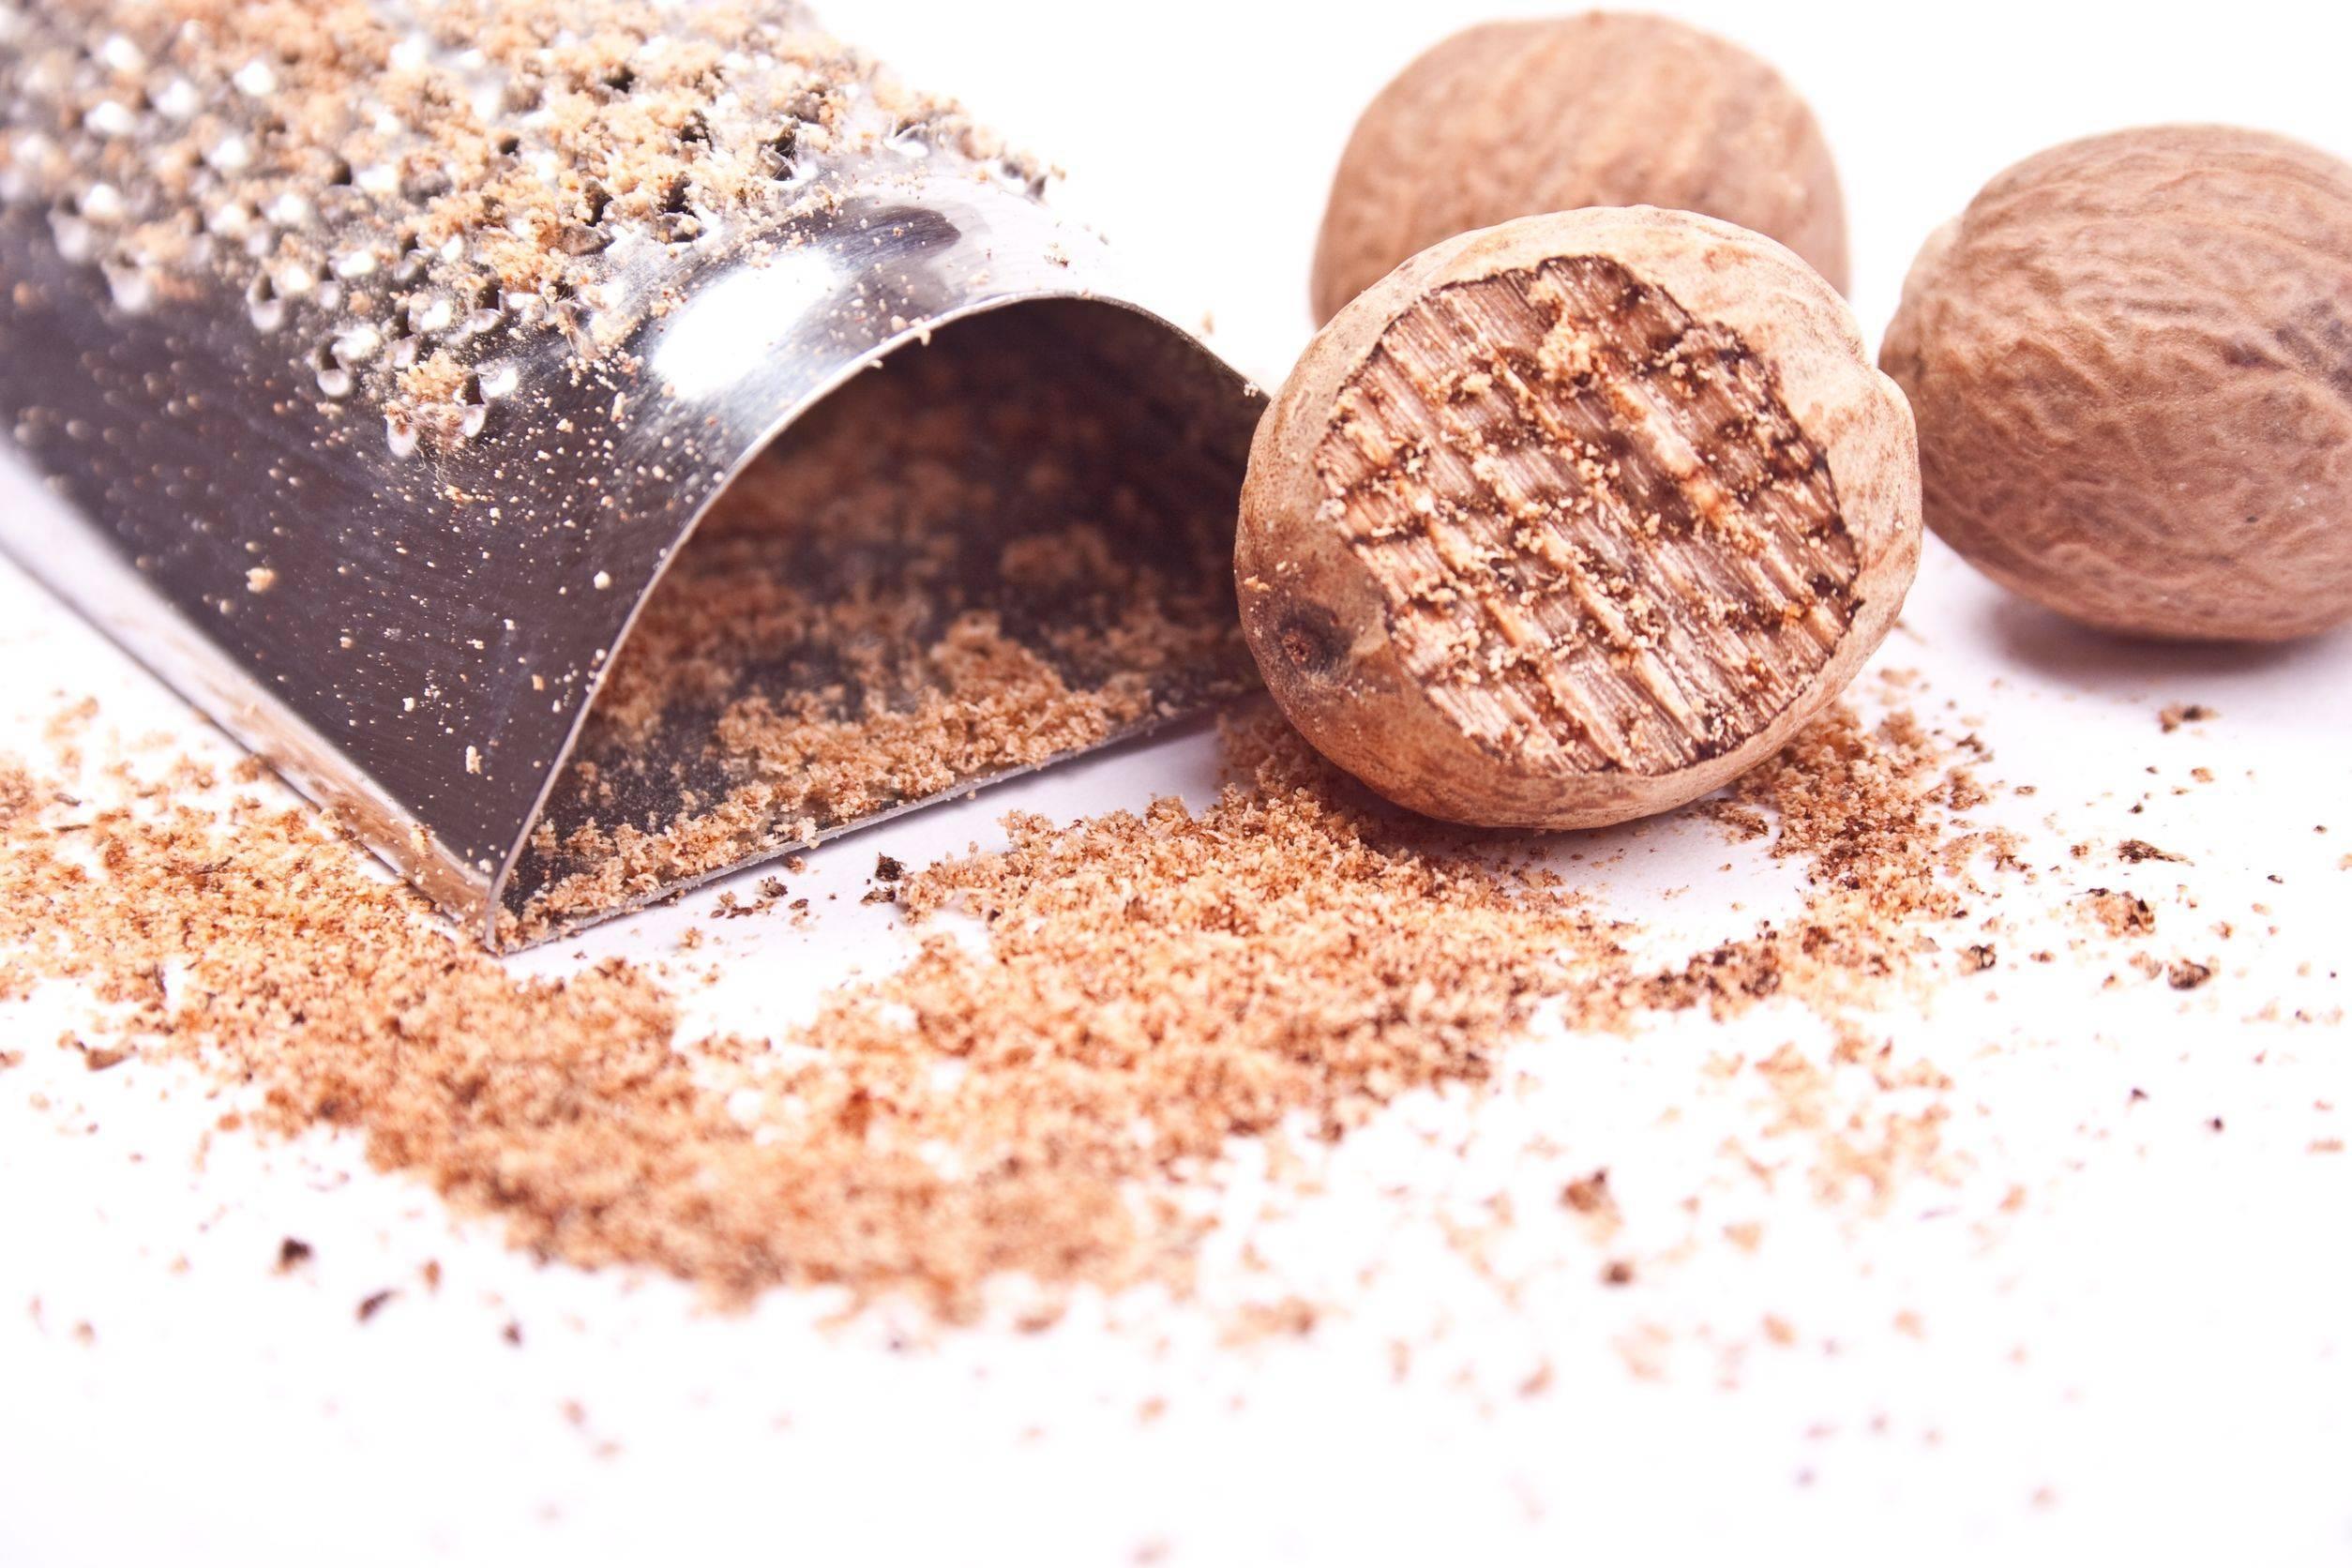 Мускатный орех порошковый эффект. как употреблять мускатный орех: в чем его польза для организма